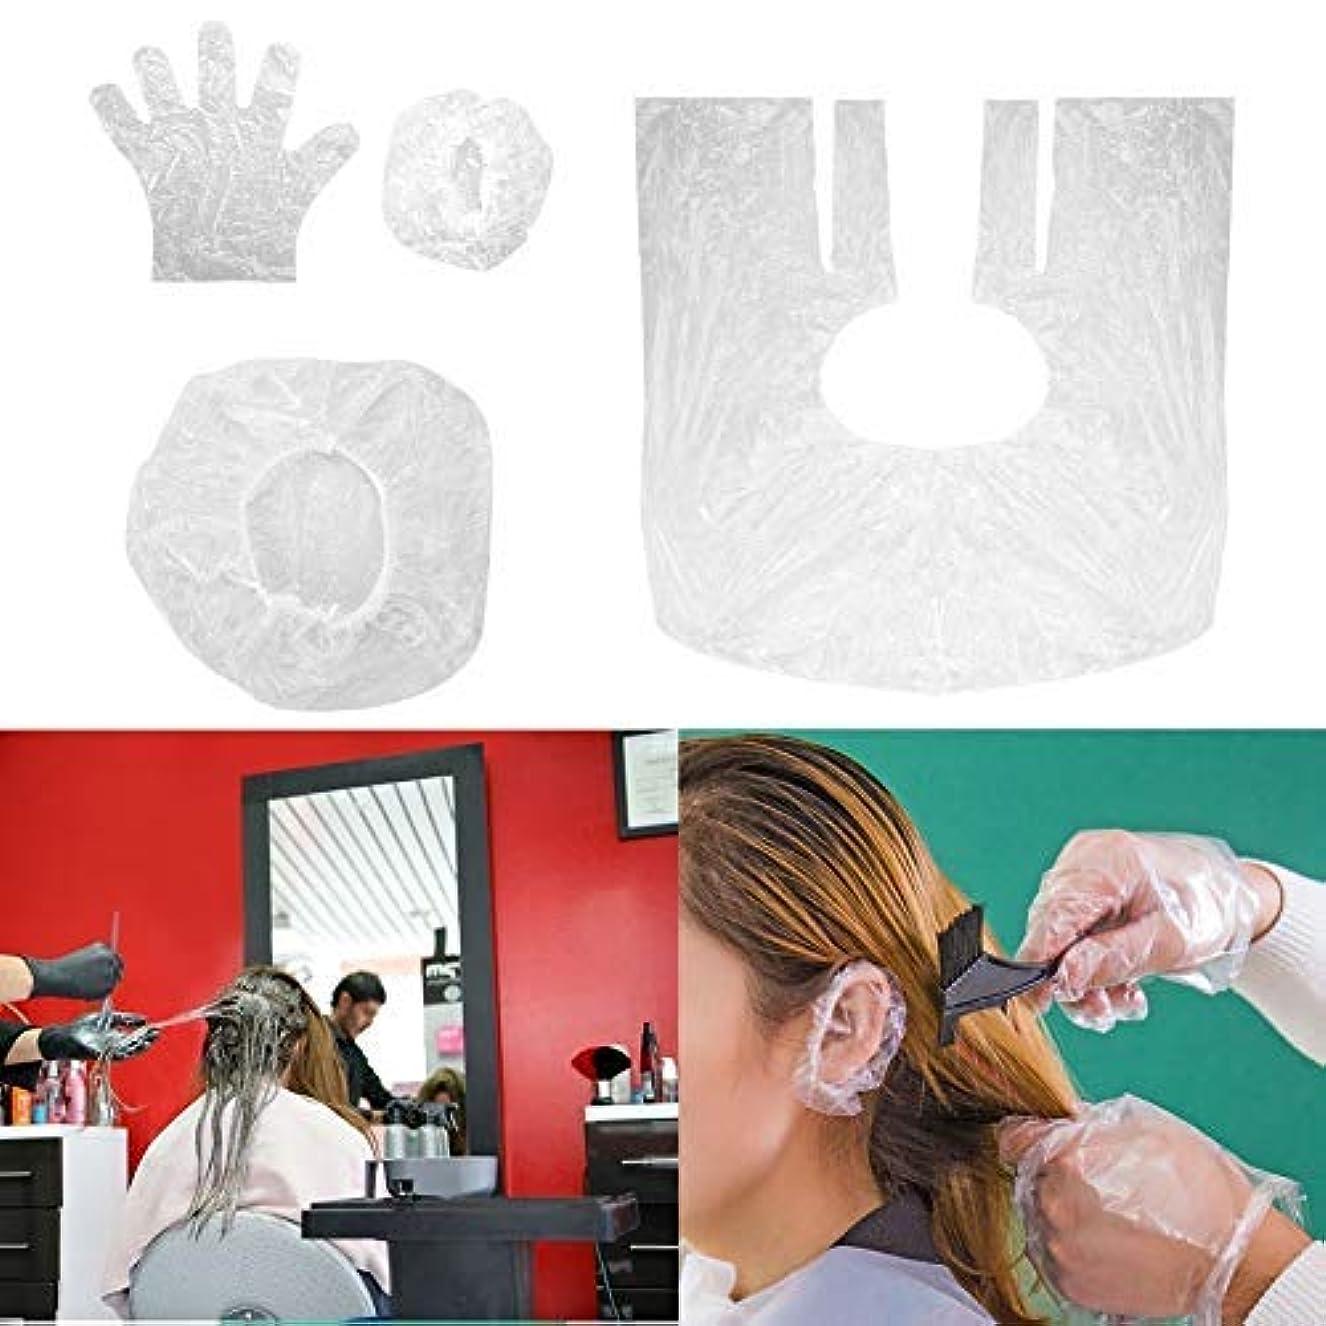 形どっちでもレギュラー毛染め用 髪染め シャワーキャップ サロン 耳キャップ シャワーキャップ 手袋 使い捨て 10点セット